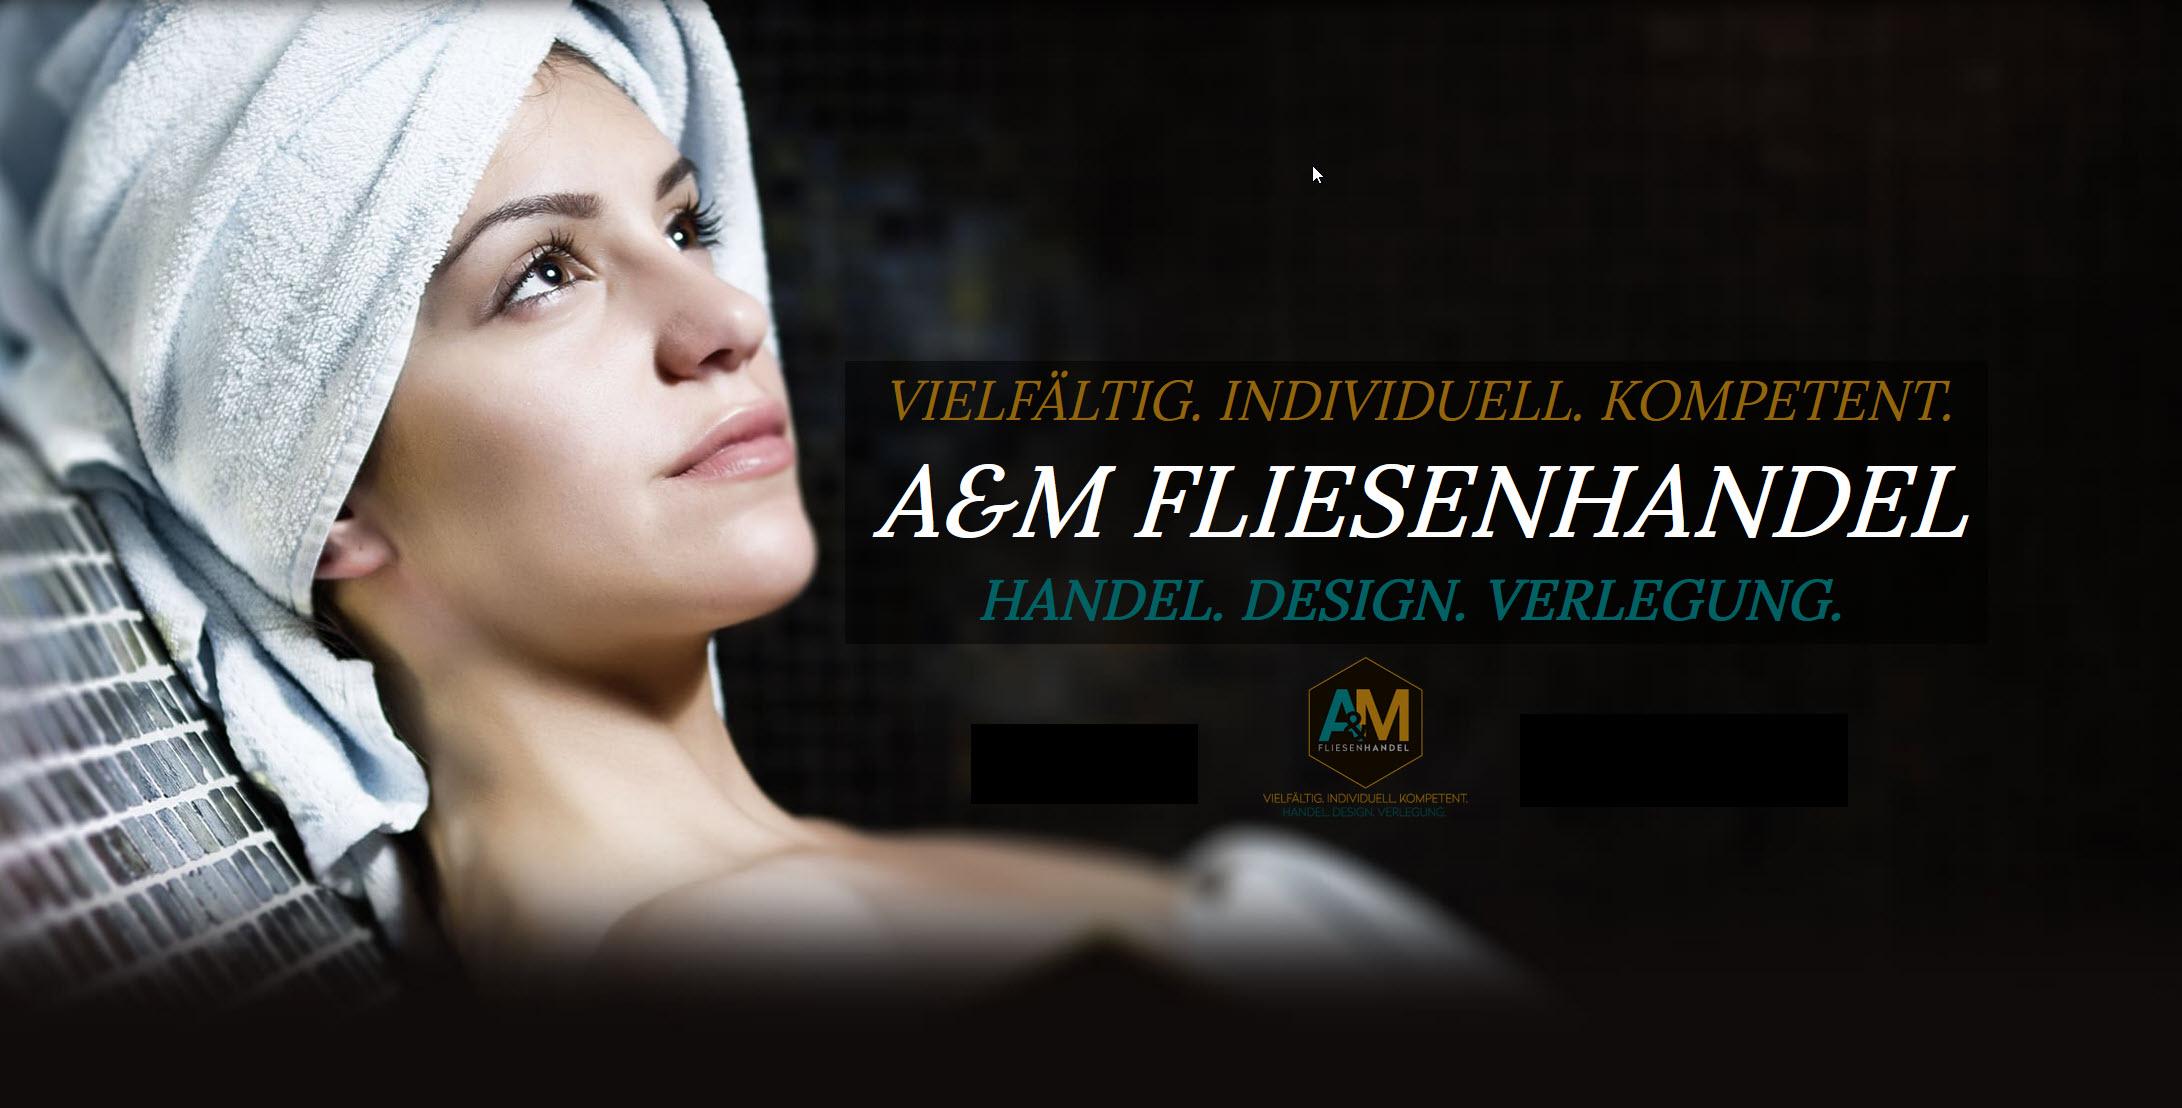 News A&M Fliesenhandel GmbH